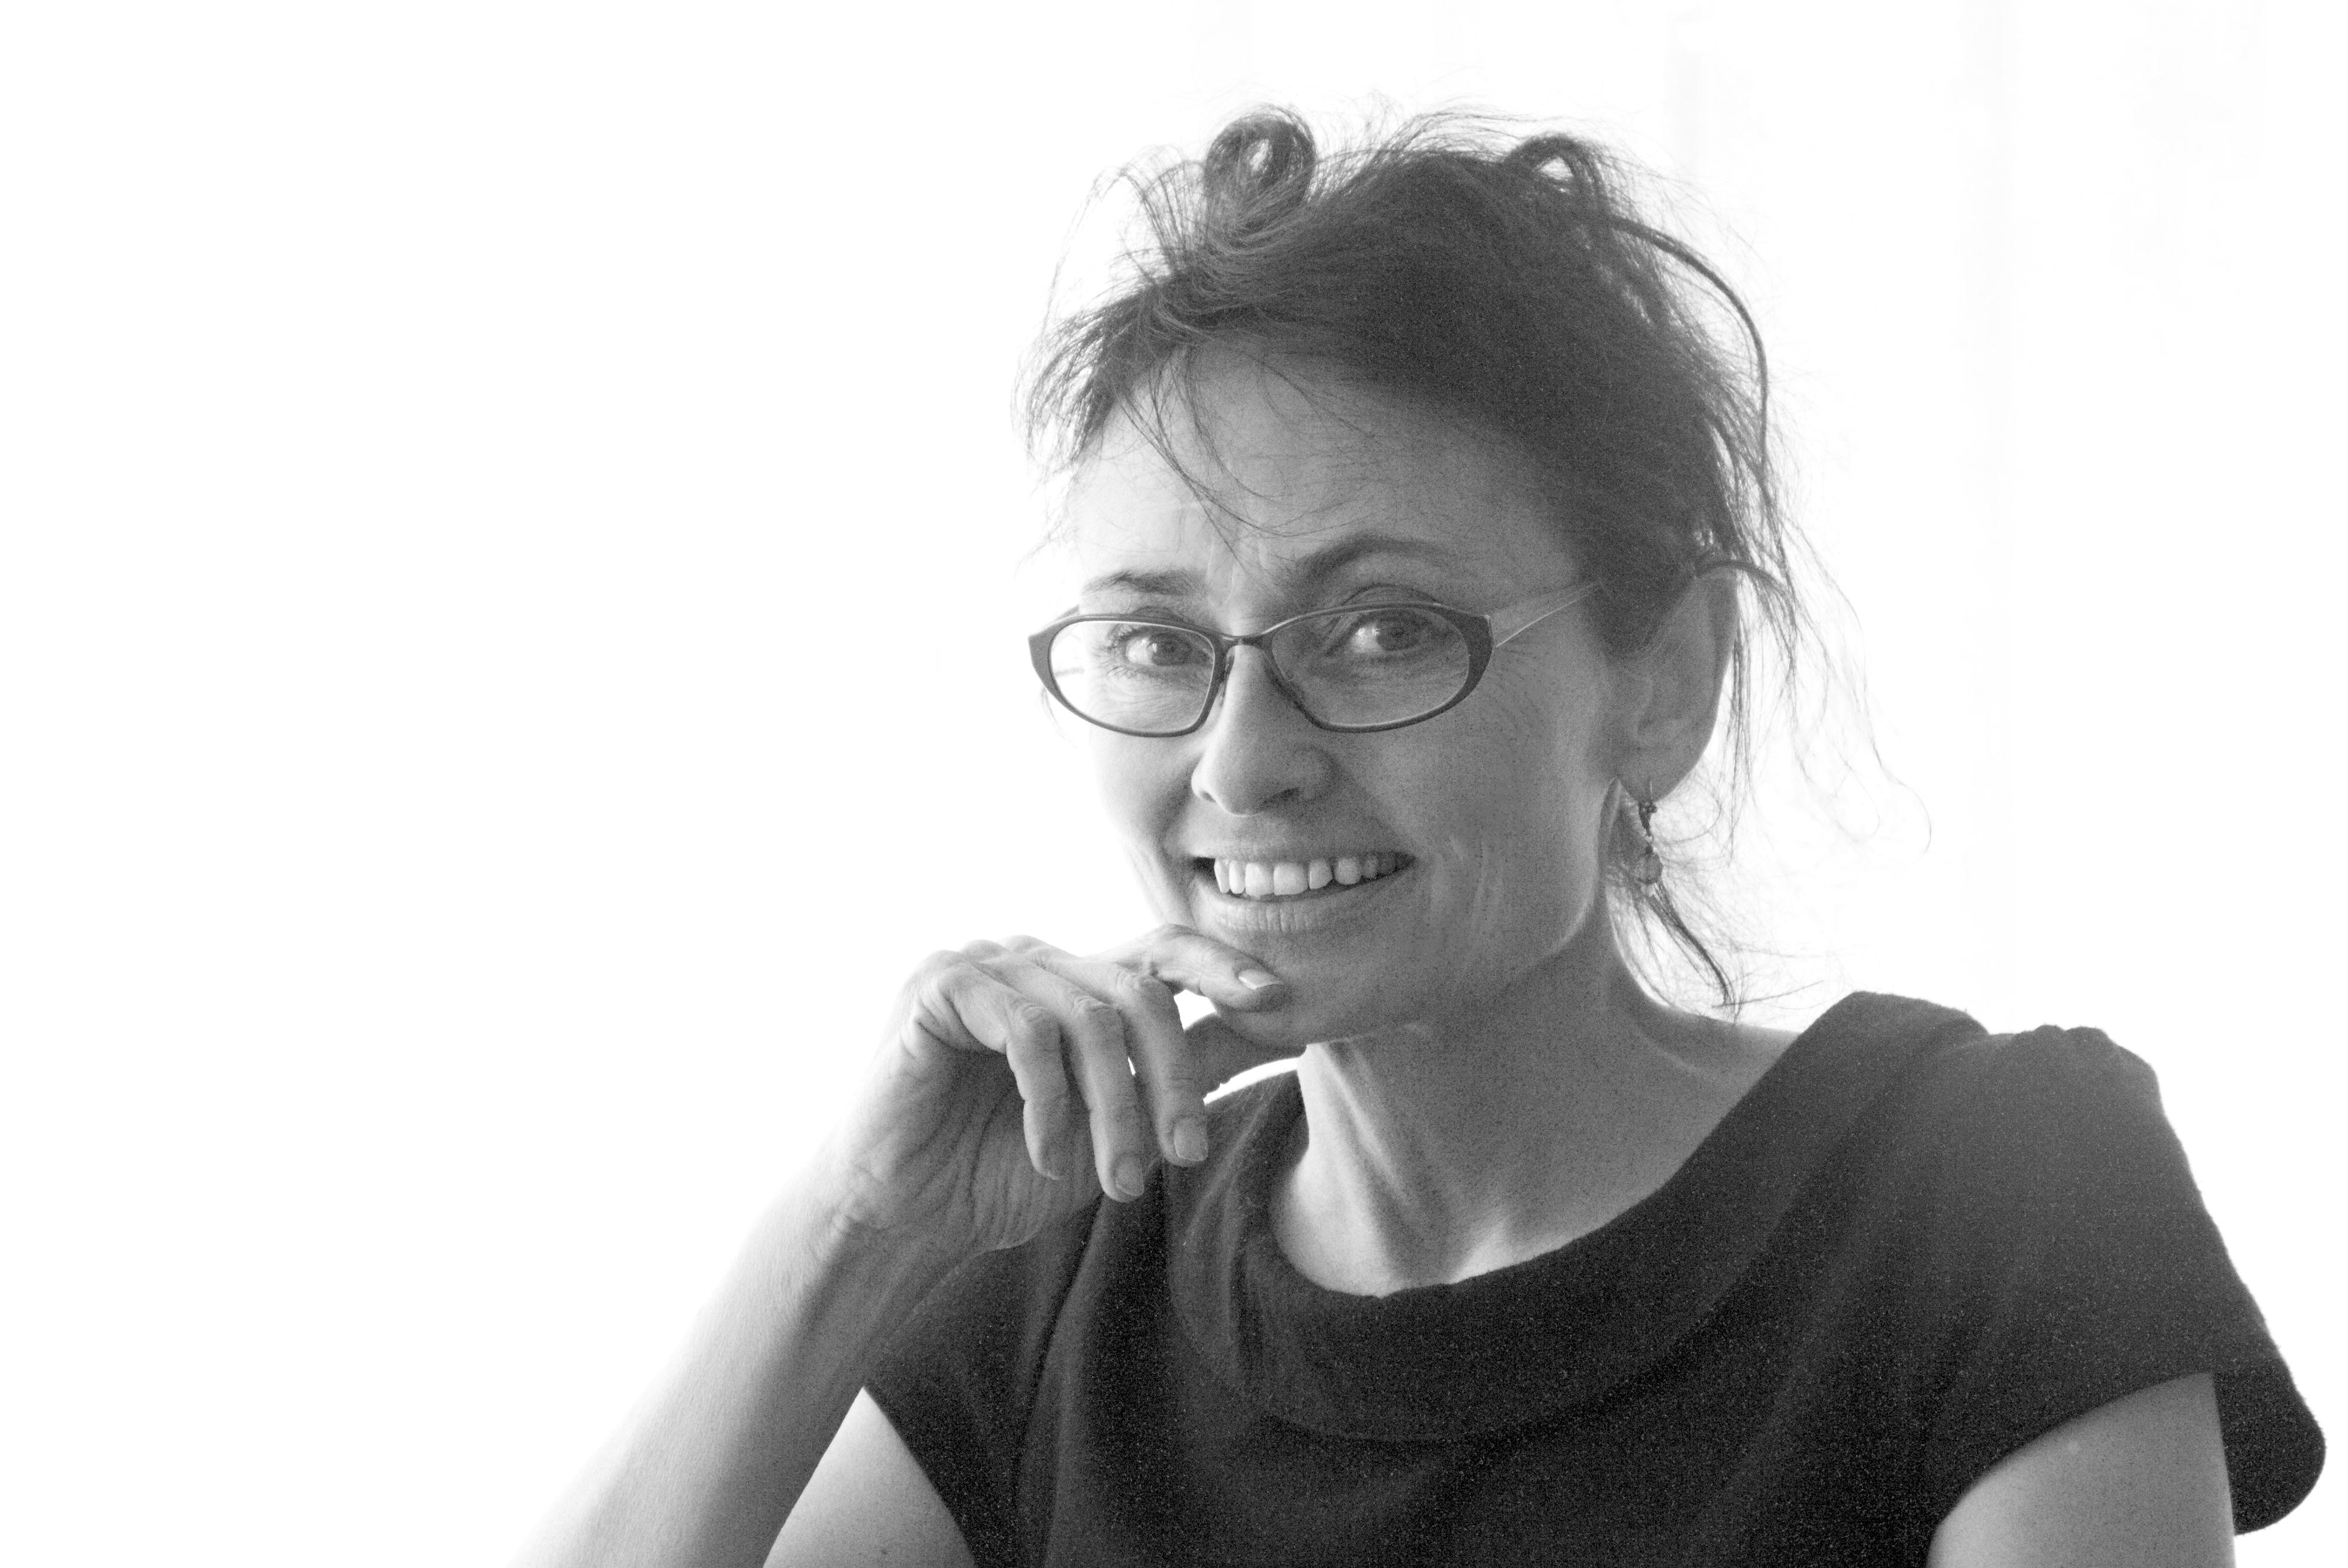 PR-foto af Gertrud Tinning, forfatter til Havesaksen. Find i højeste opløsning i Dropboxen: https://www.dropbox.com/sh/2q6pw3lq1r0blw9/AADg5hat7IB-BjxQ4JUUZFuga?dl=0